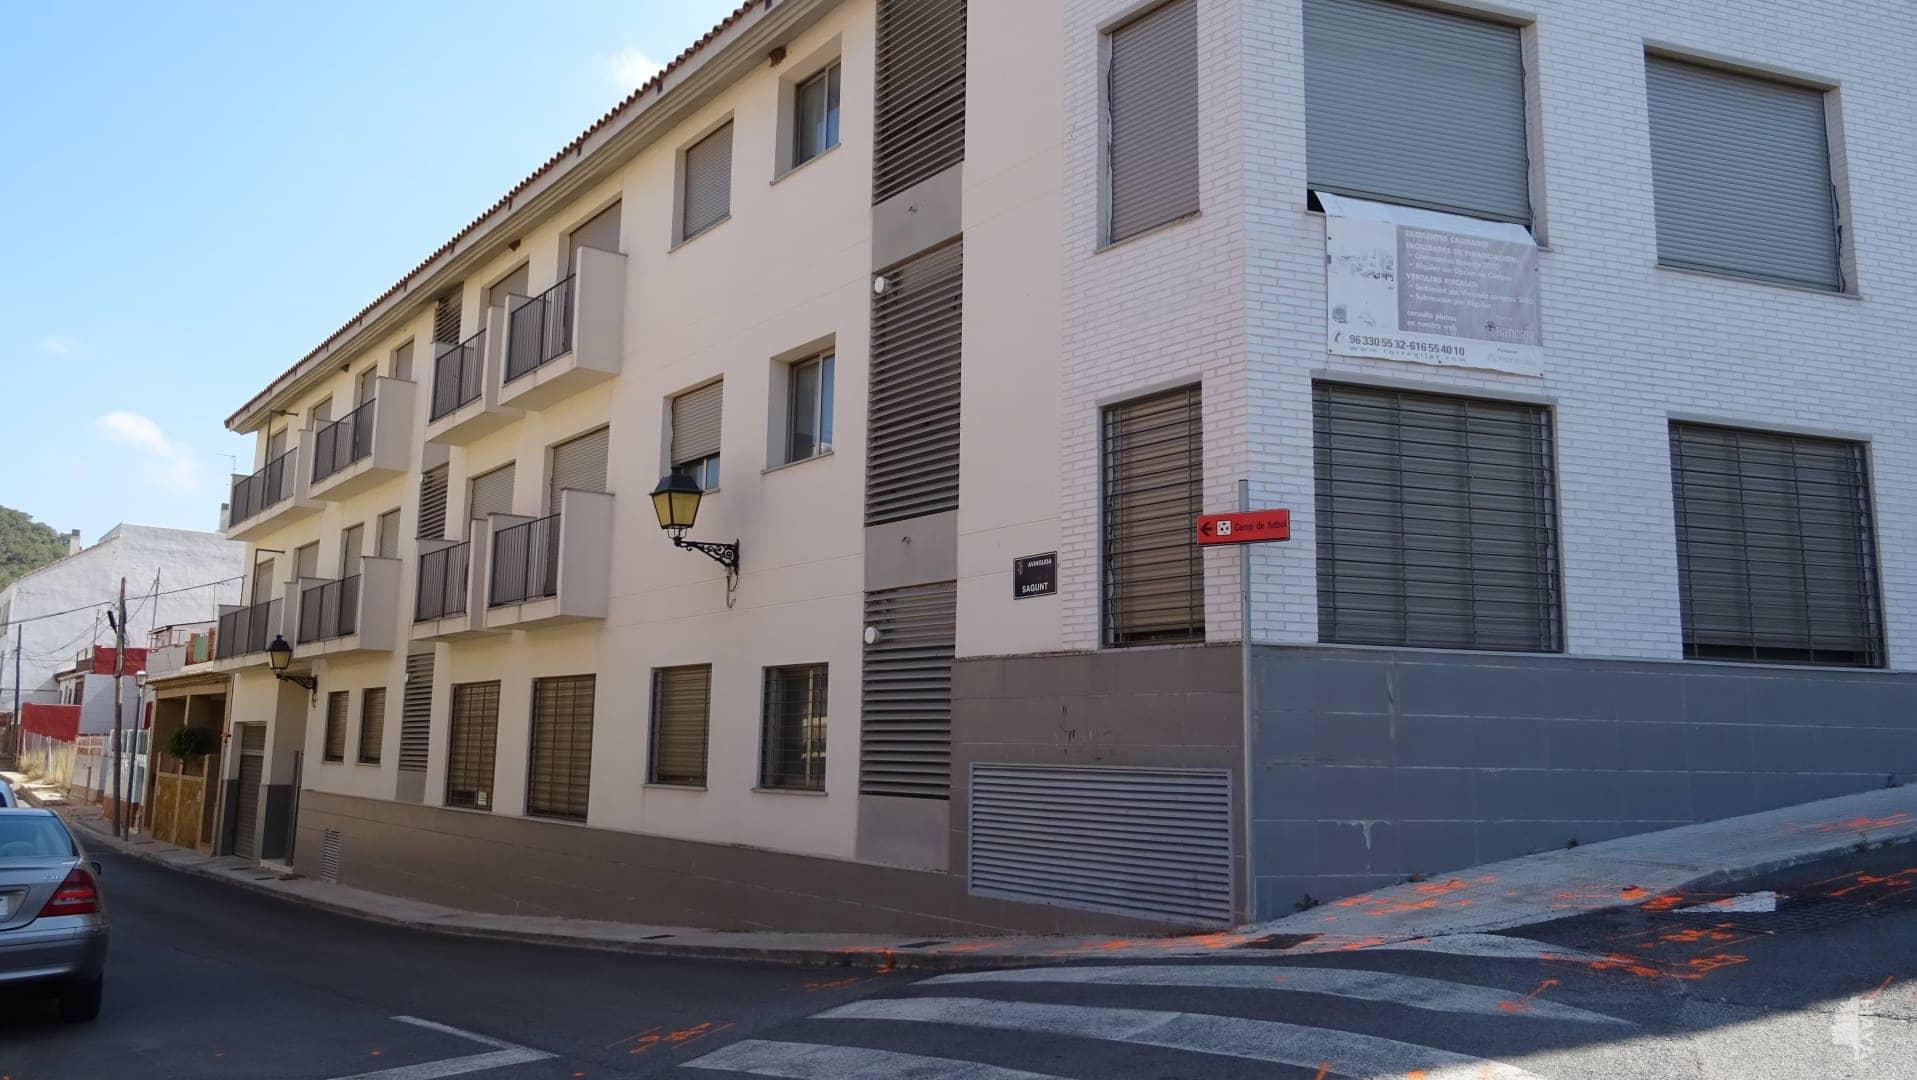 Piso en venta en Gilet, Gilet, Valencia, Calle Sagunt, 141.000 €, 3 habitaciones, 2 baños, 137 m2